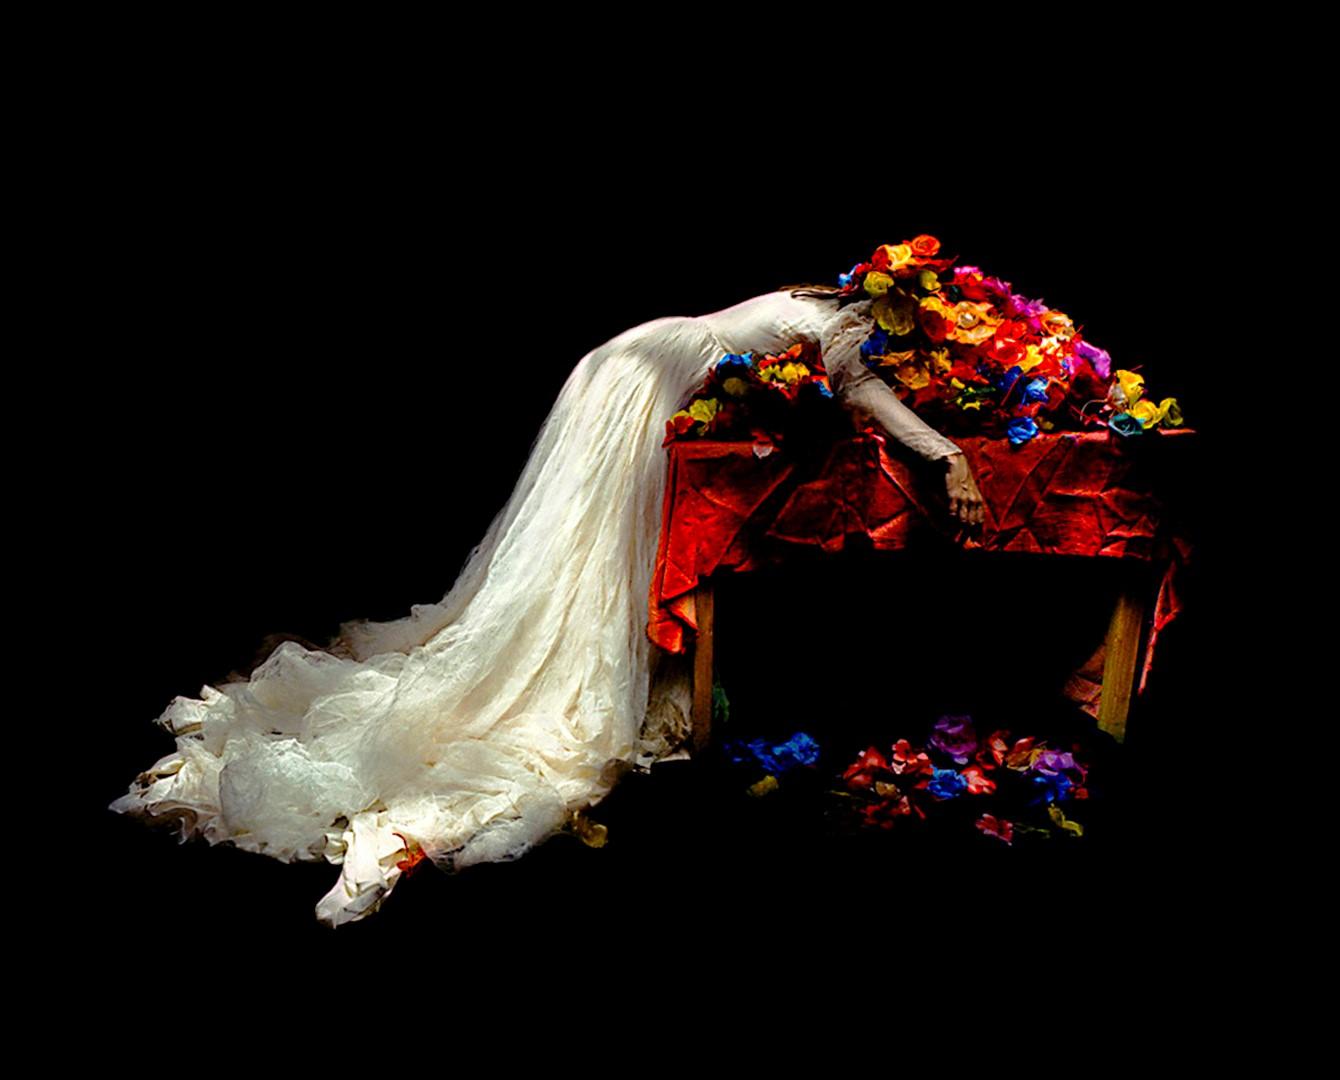 7-La novia muerta-2008